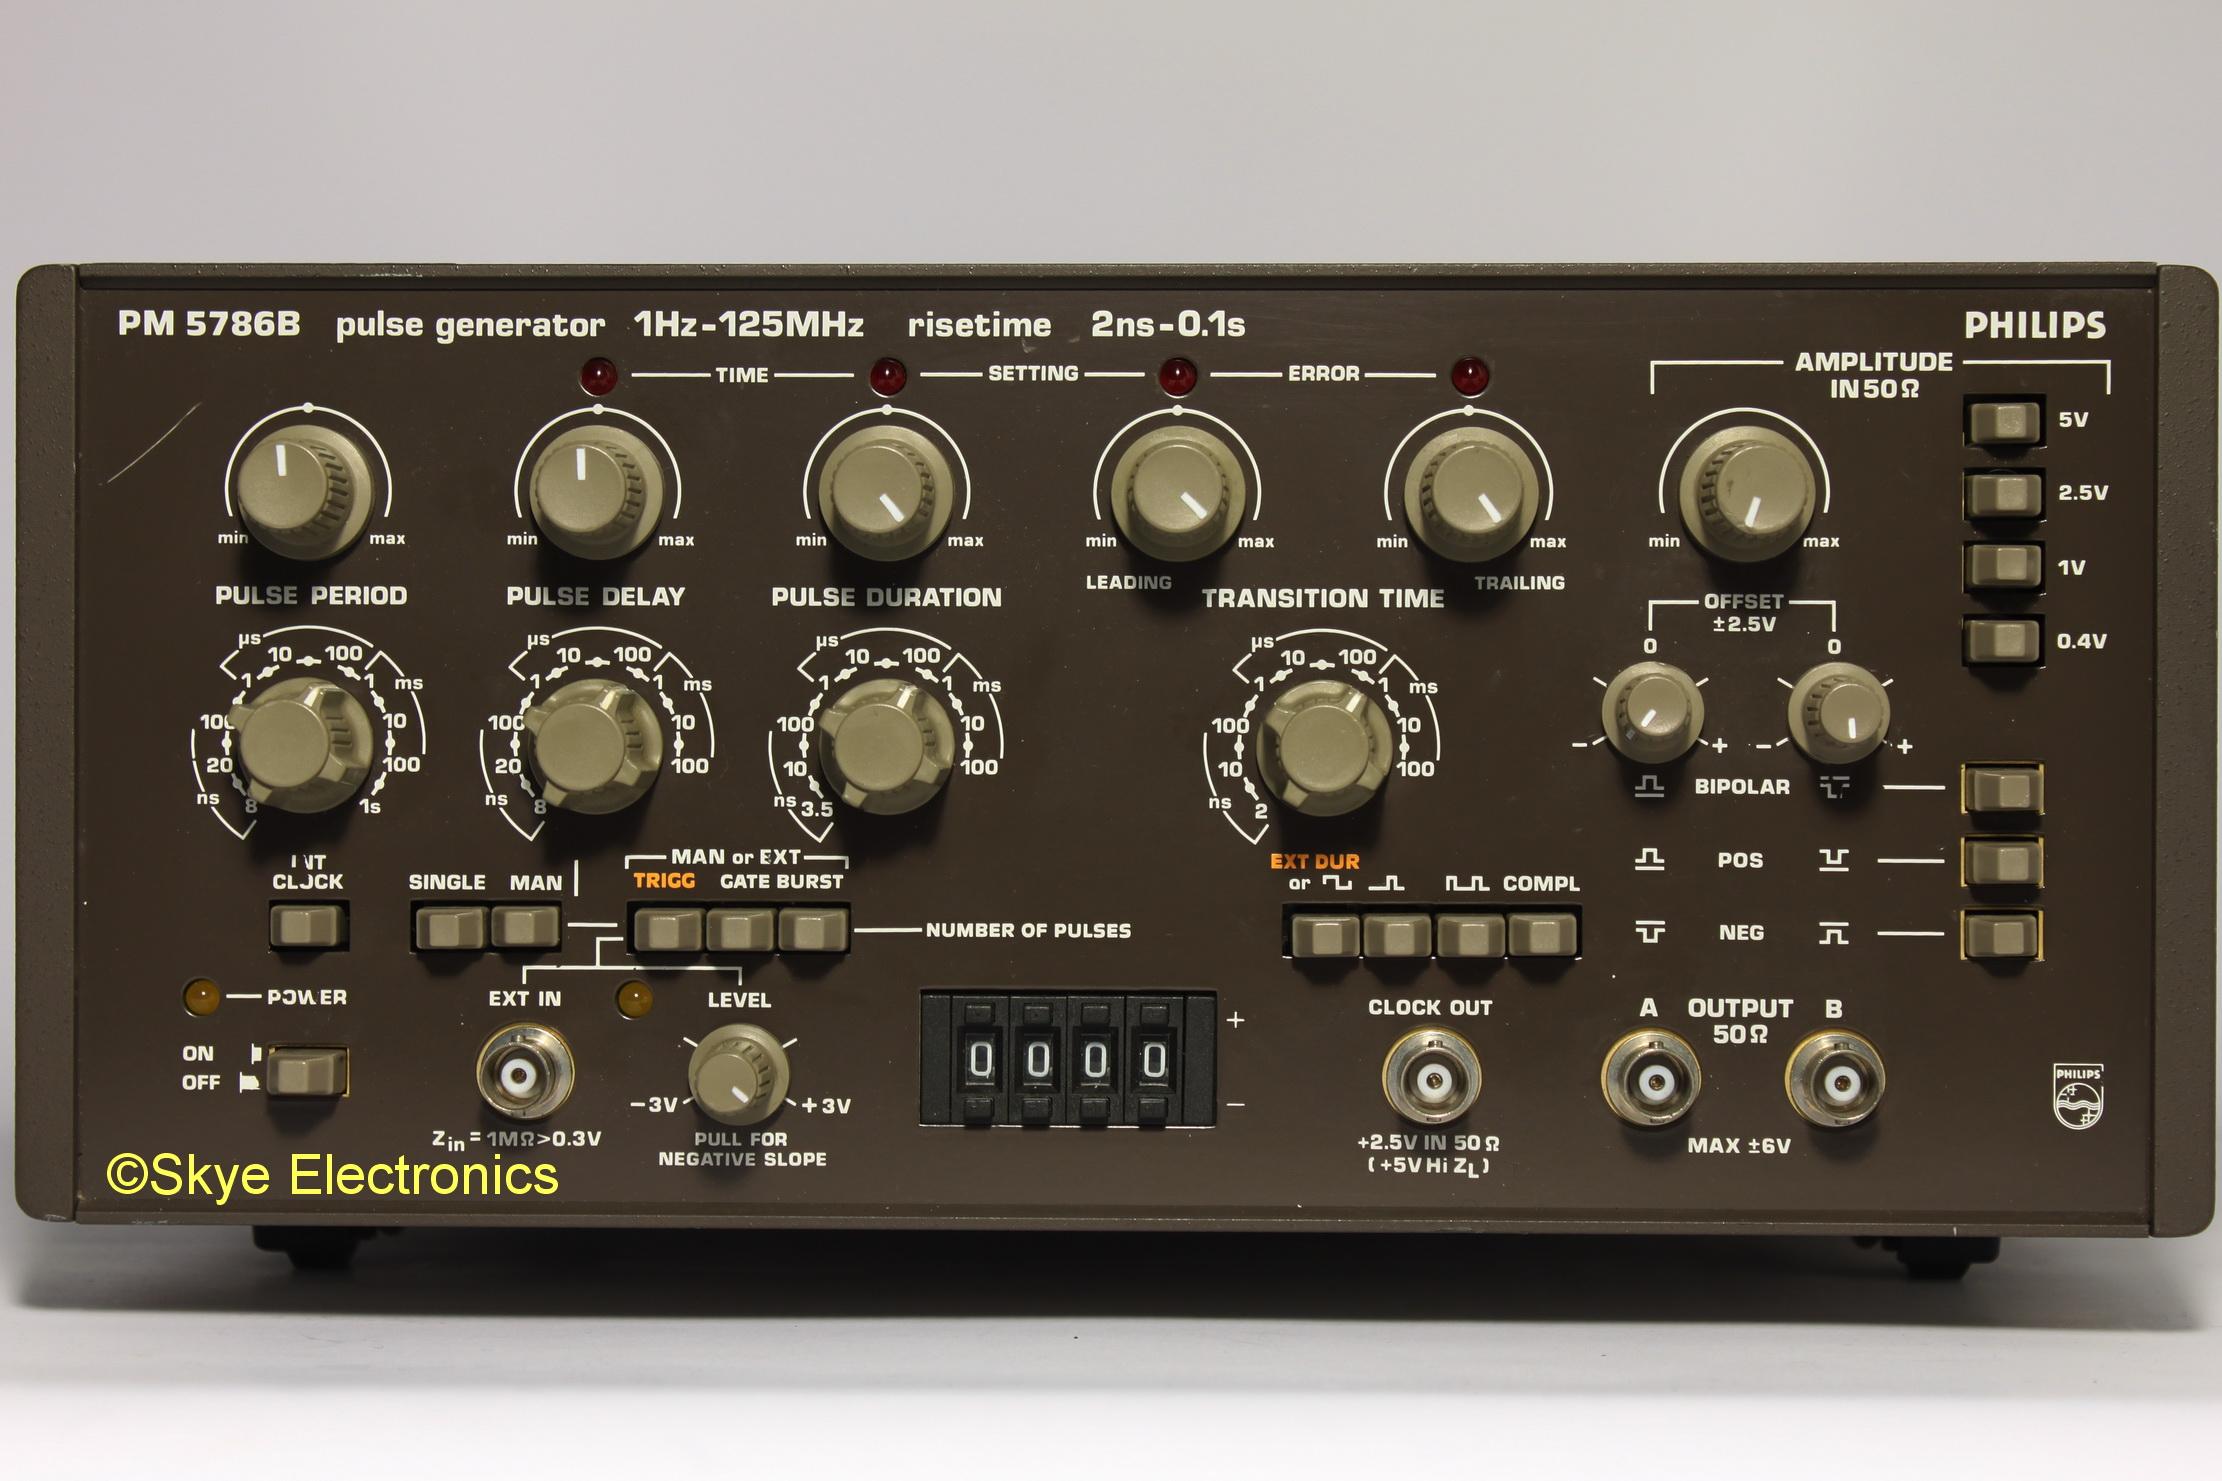 Philips PM5786B Skye Electronics